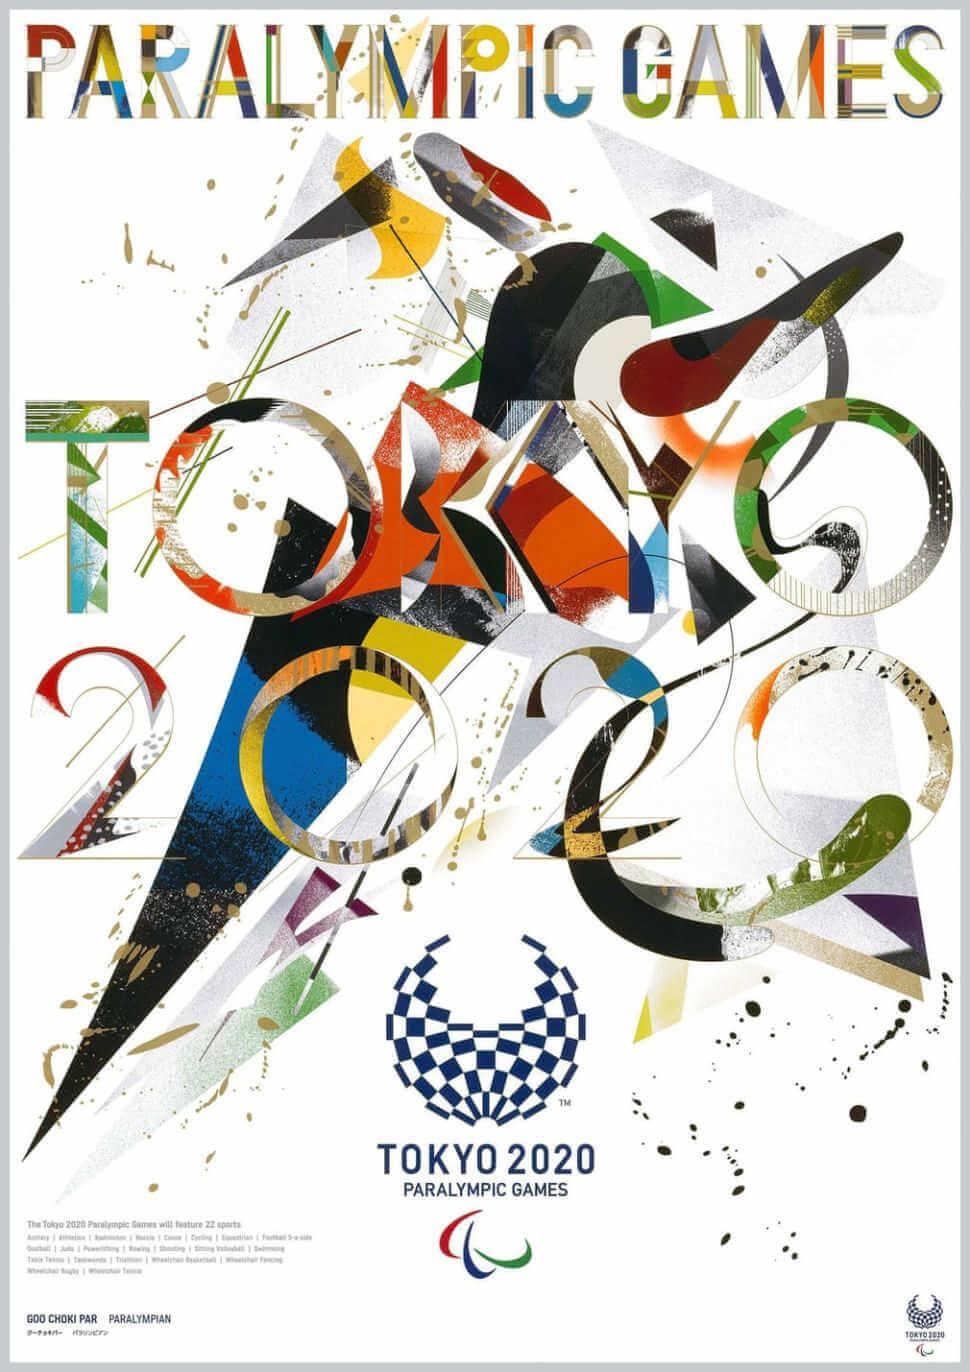 Cartel de los juegos paralimpicos de tokio 2020 creado por GOO CHOKI PAR